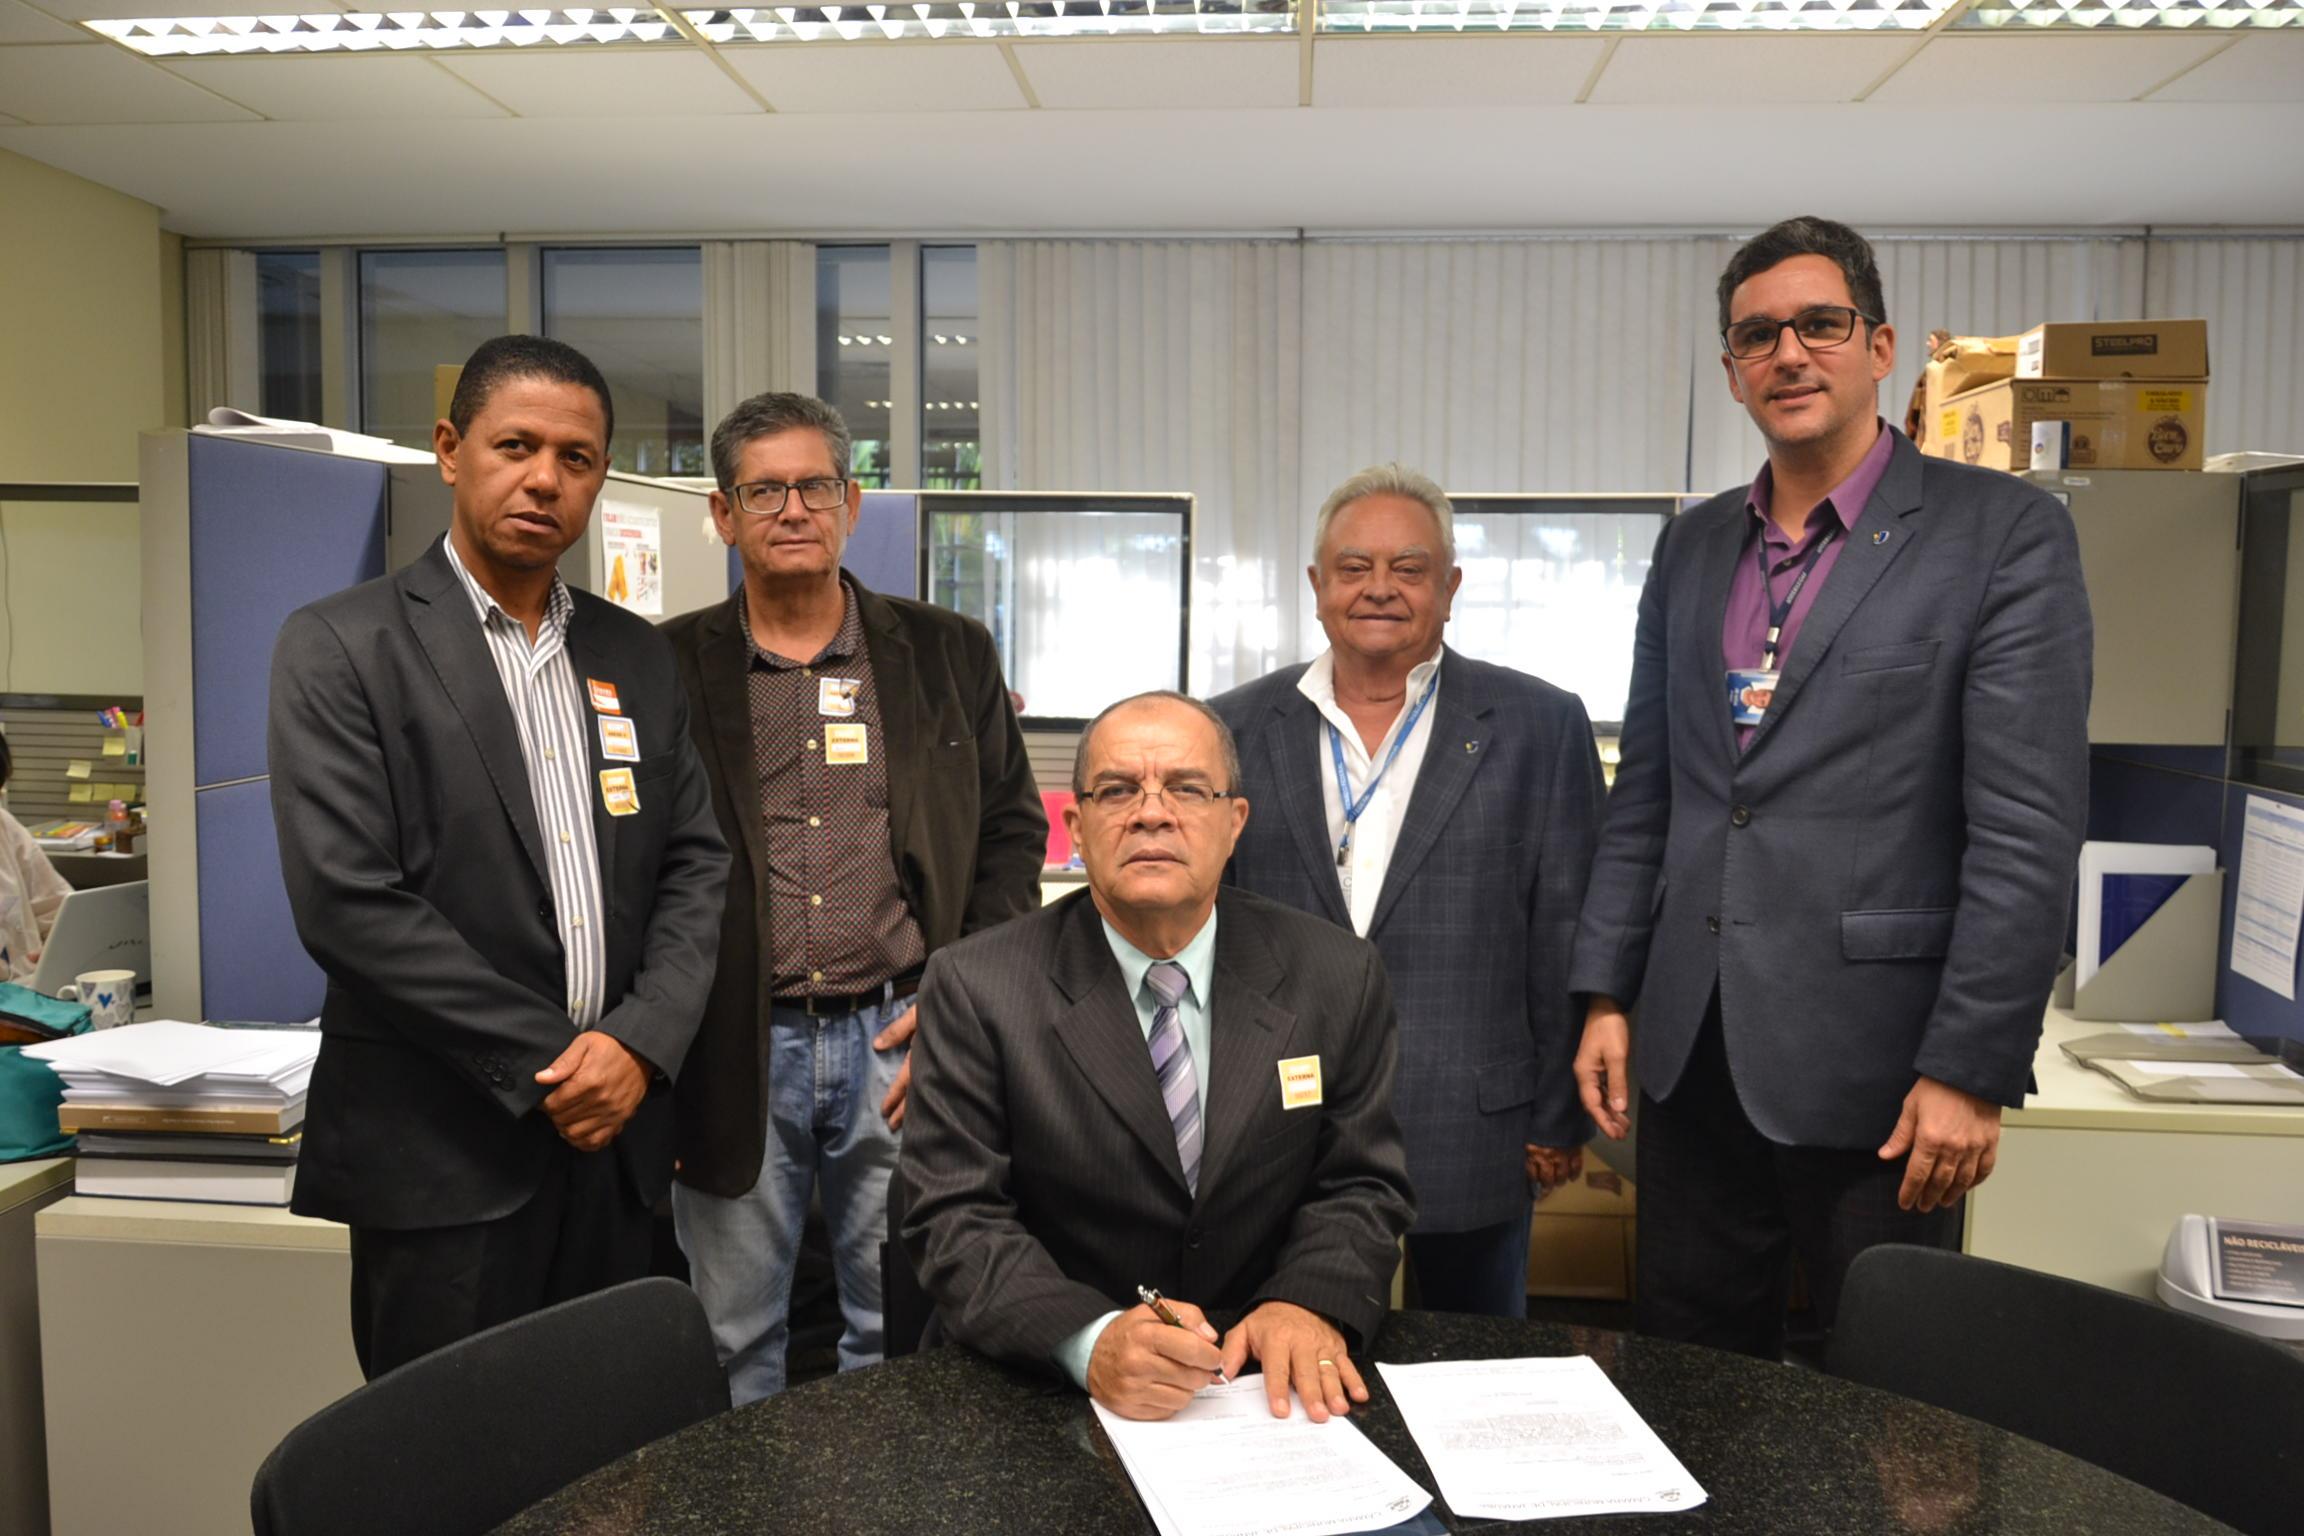 Câmara de Janaúba entrega requerimento para implantação de ferramentas Interlegis